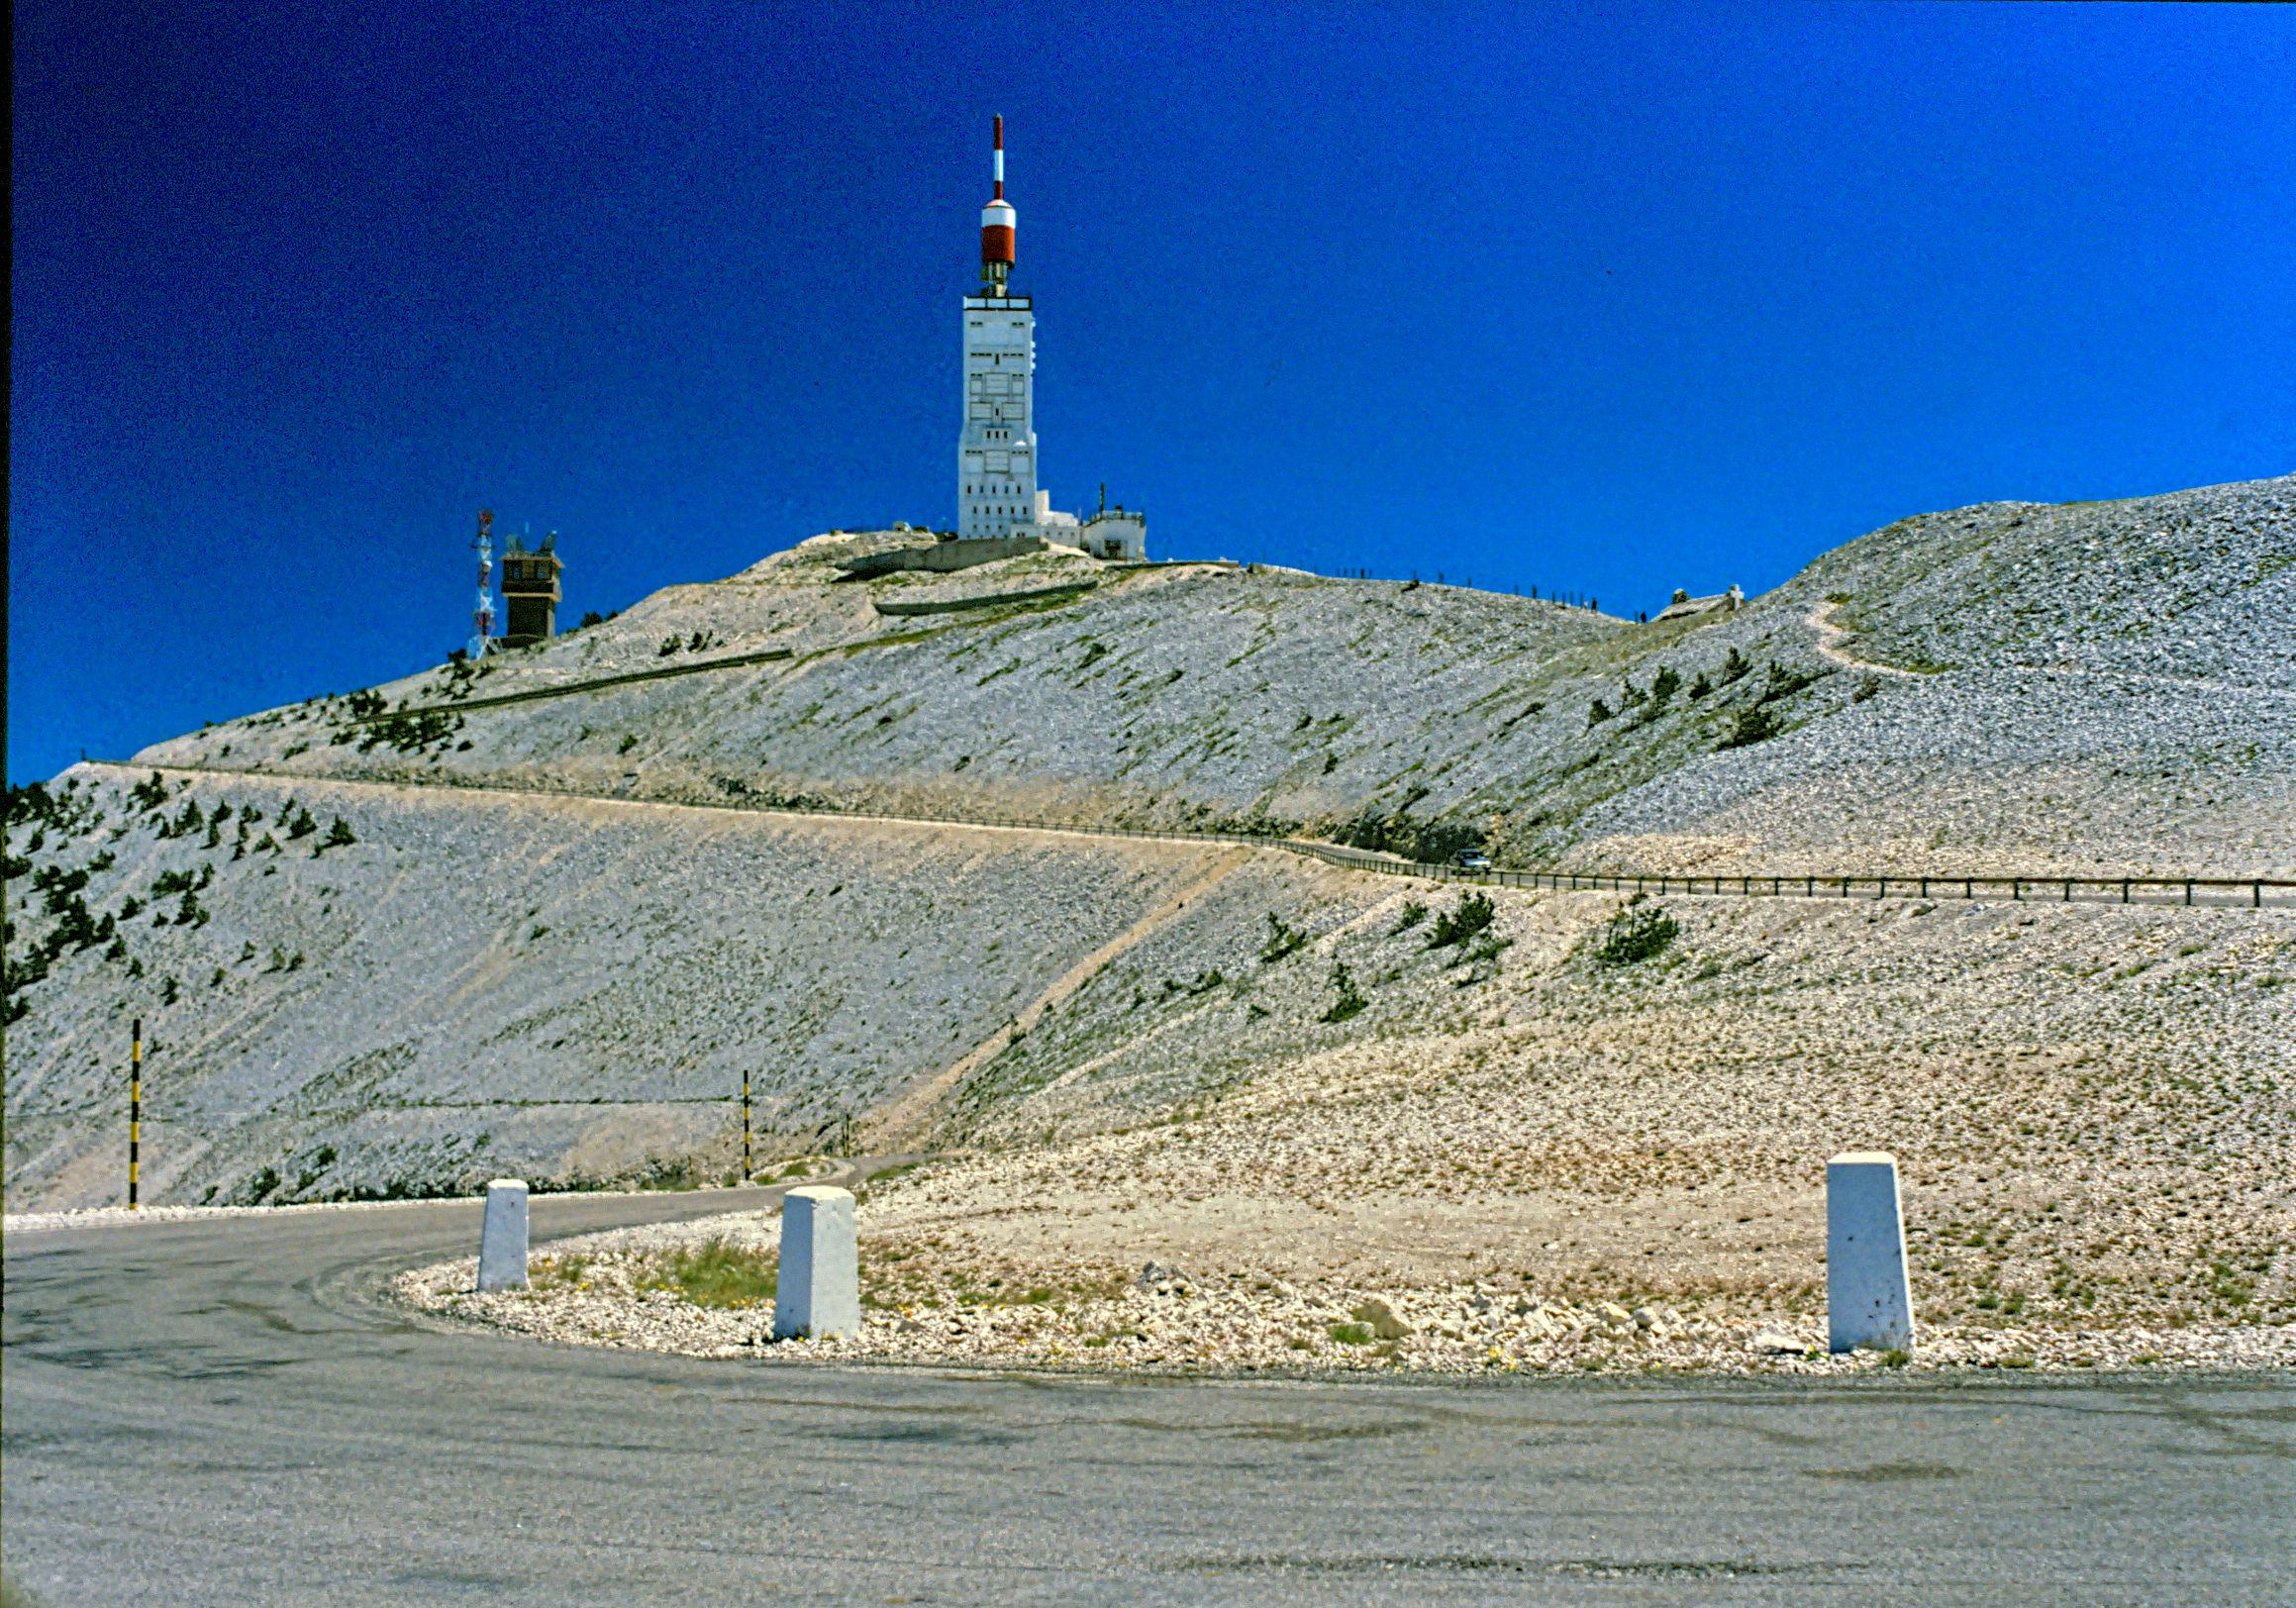 Fichier:Mont ventoux summit.jpg — Wikipédia